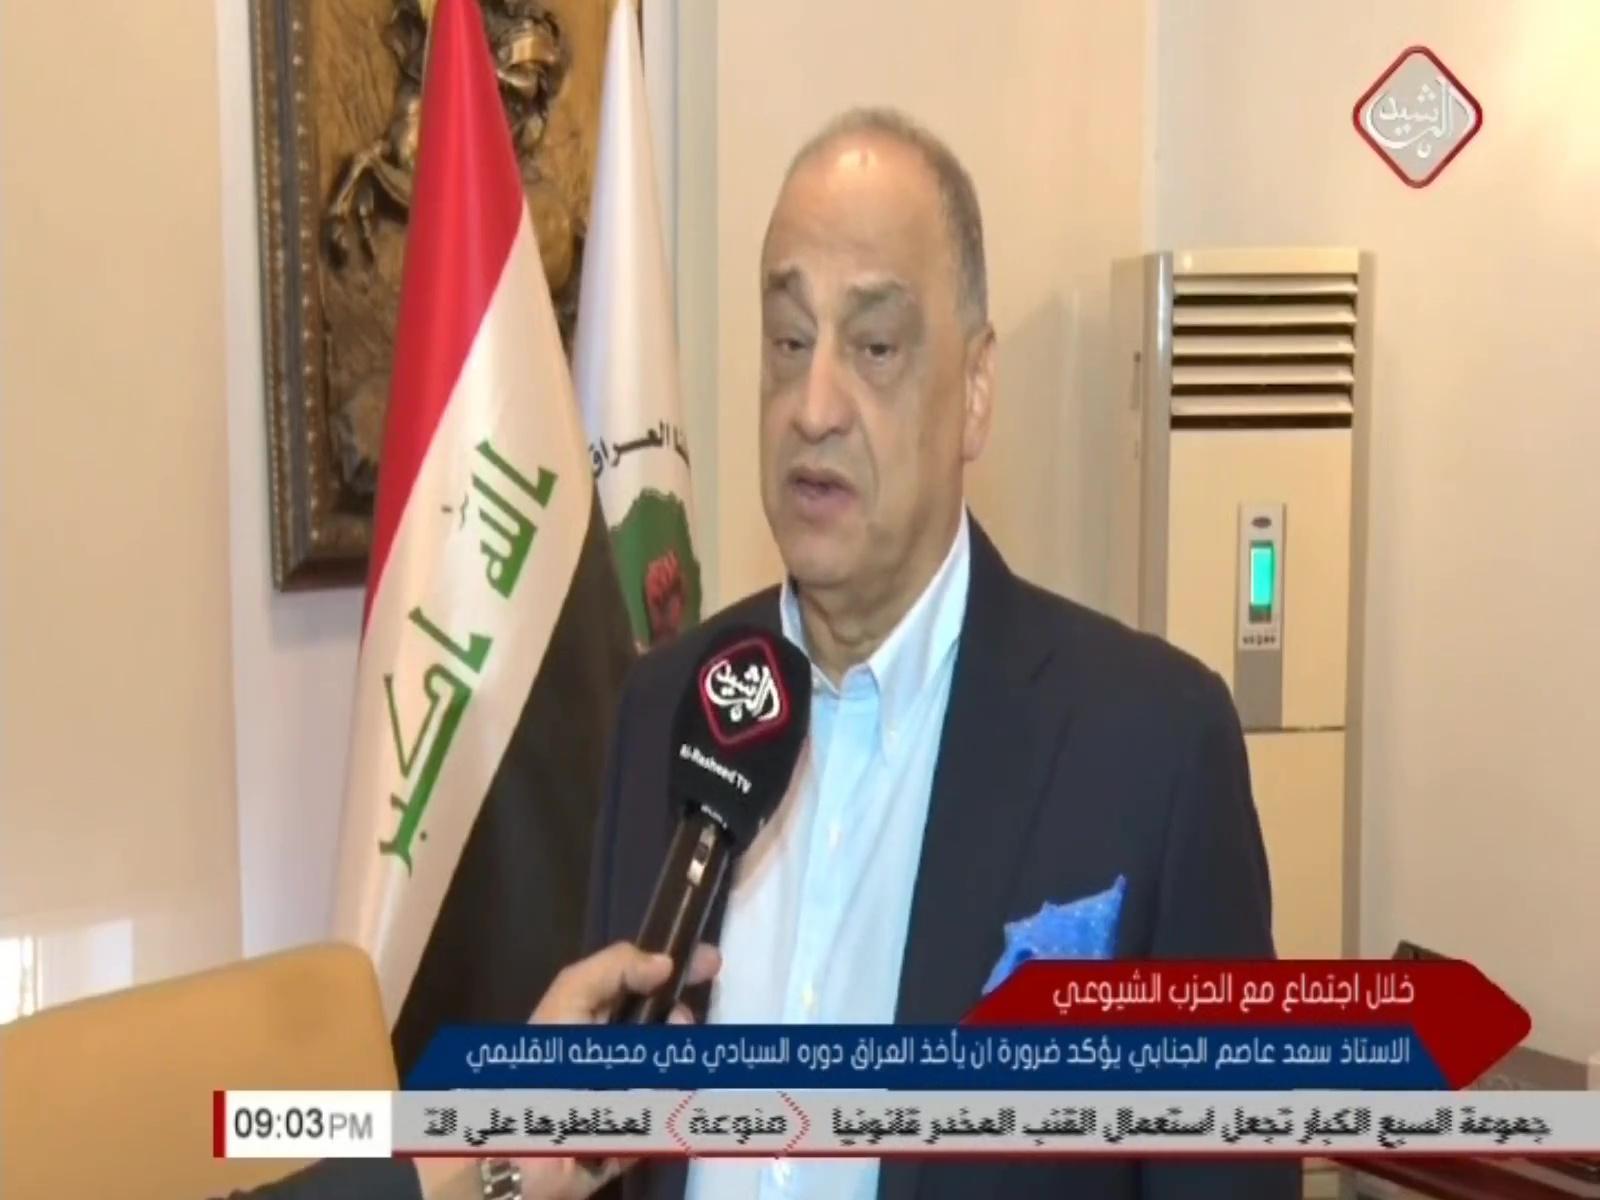 الاستاذ سعد عاصم الجنابي يؤكد التزام سائرون بالنهج الاصلاحي الذي طرحه السيد الصدر